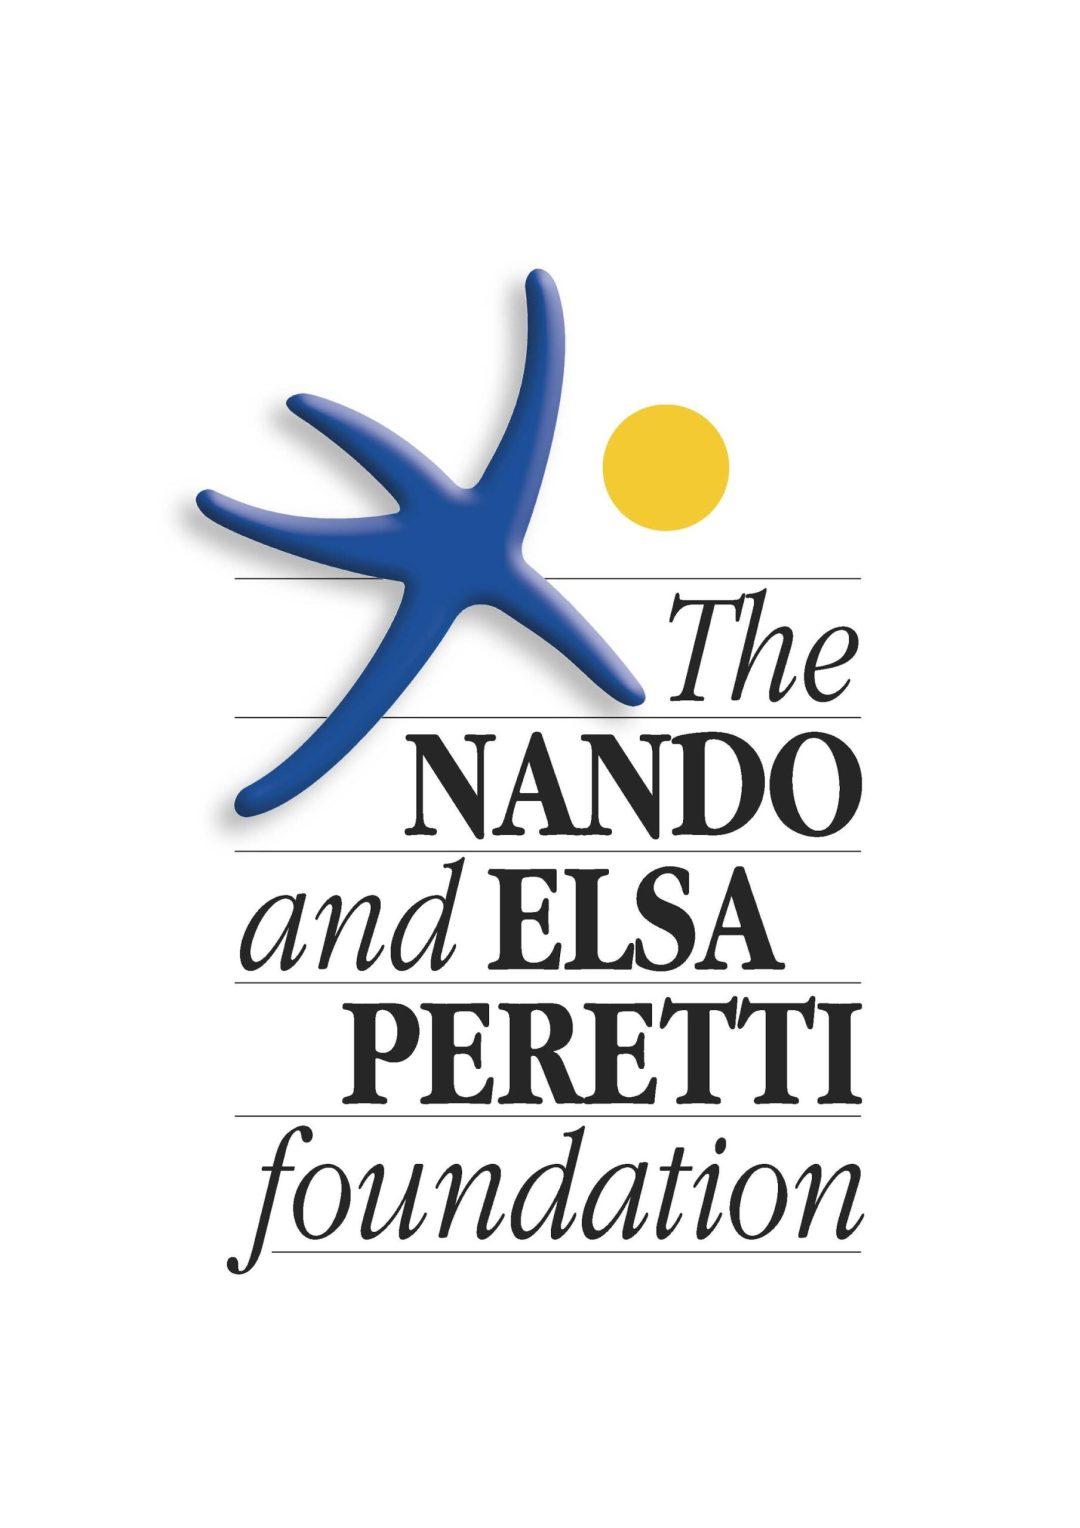 the nando and elsa peretti foundation